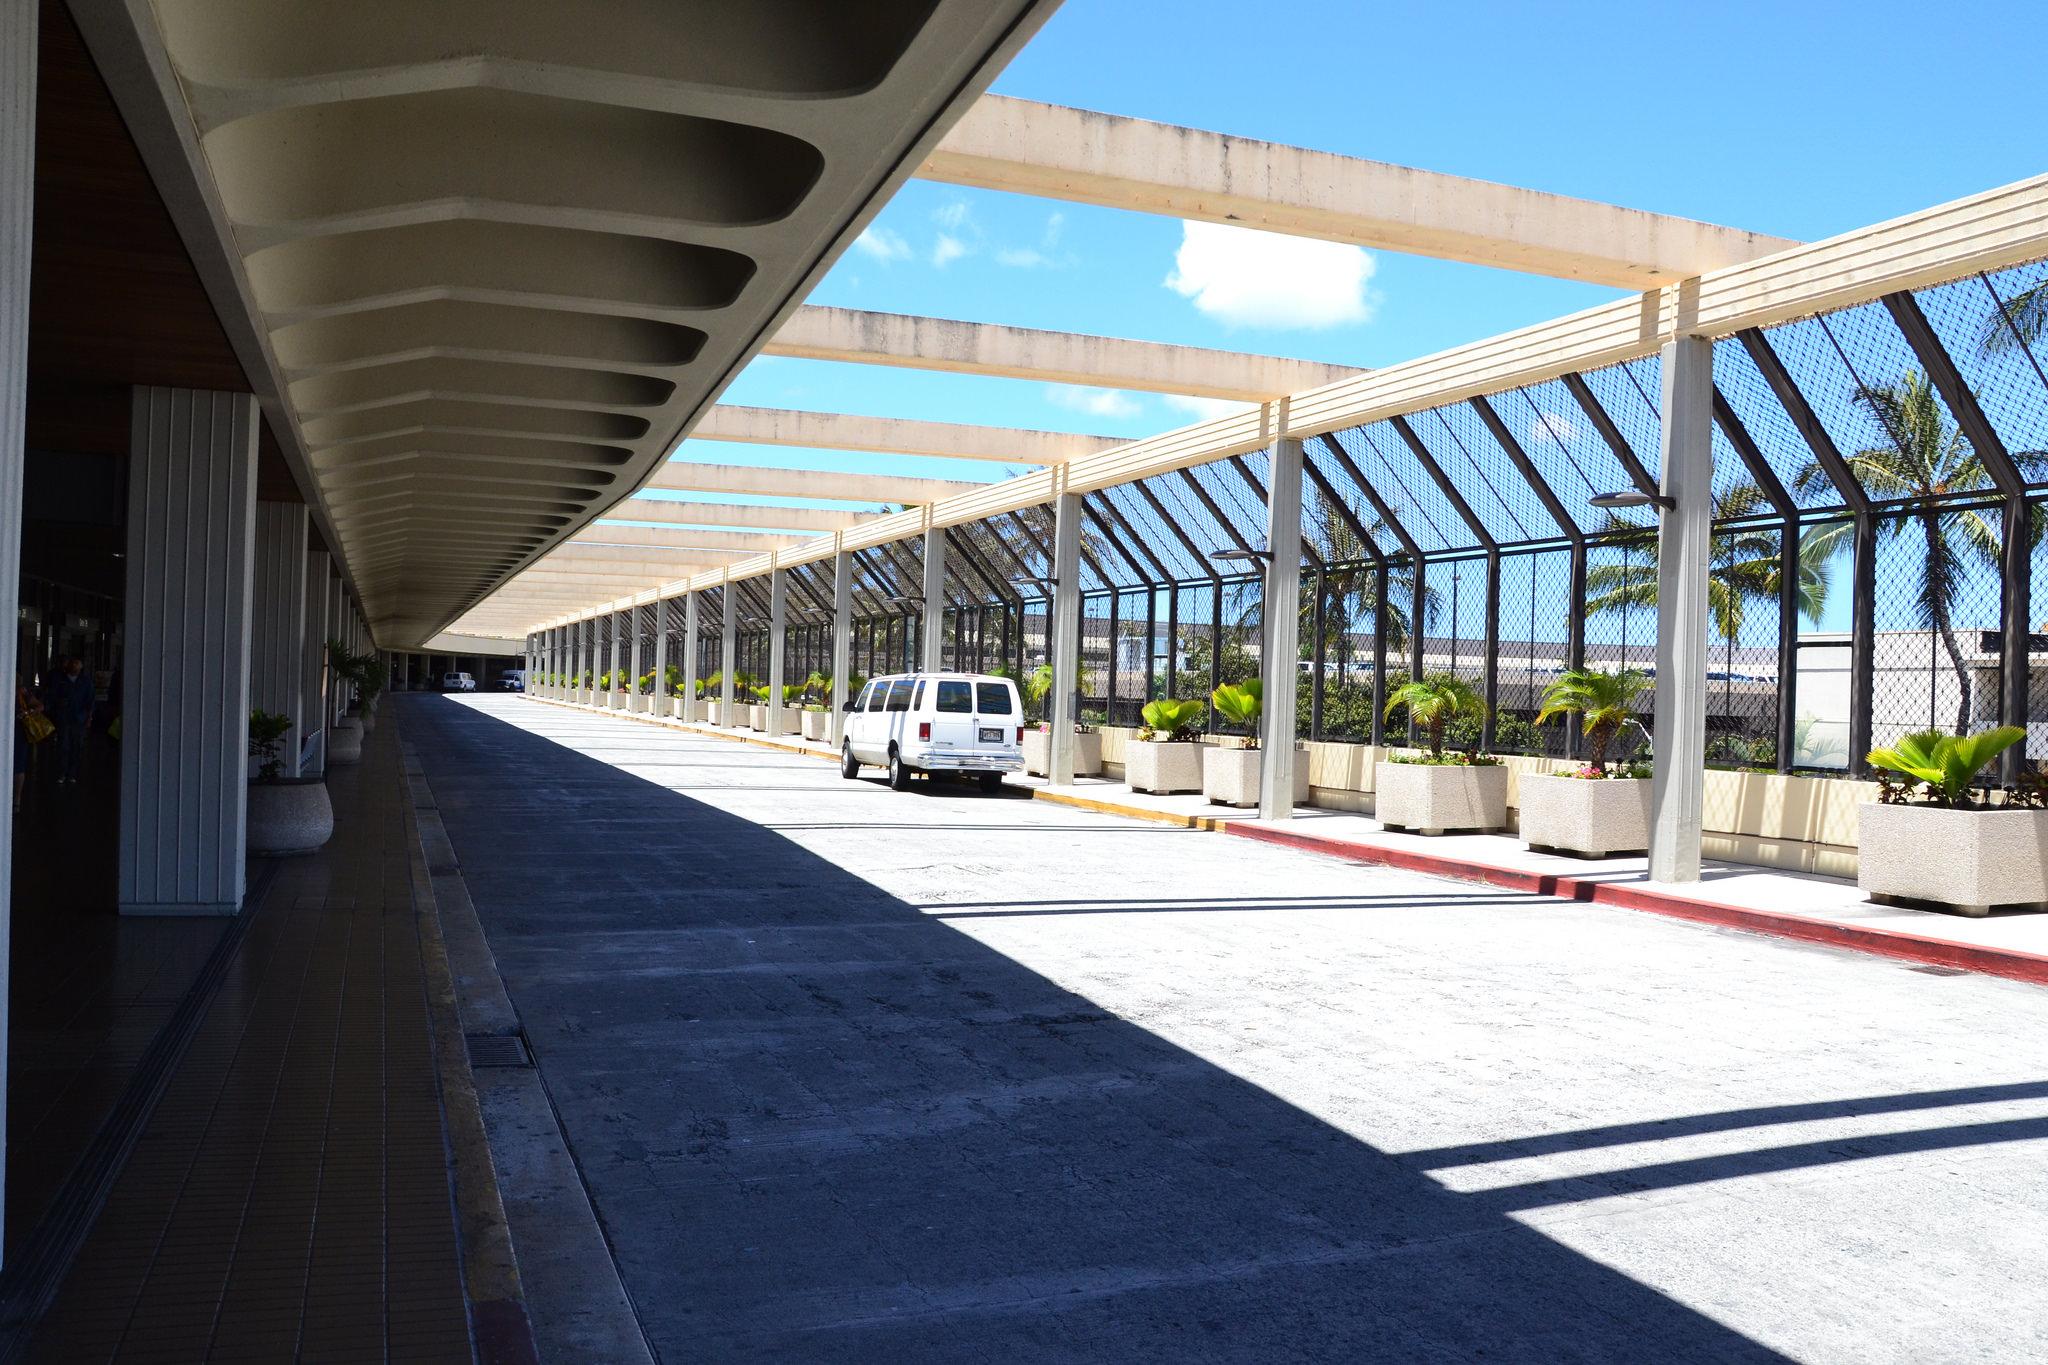 【ホノルル国際空港】レンタカーの借り方と返却方法のまとめ